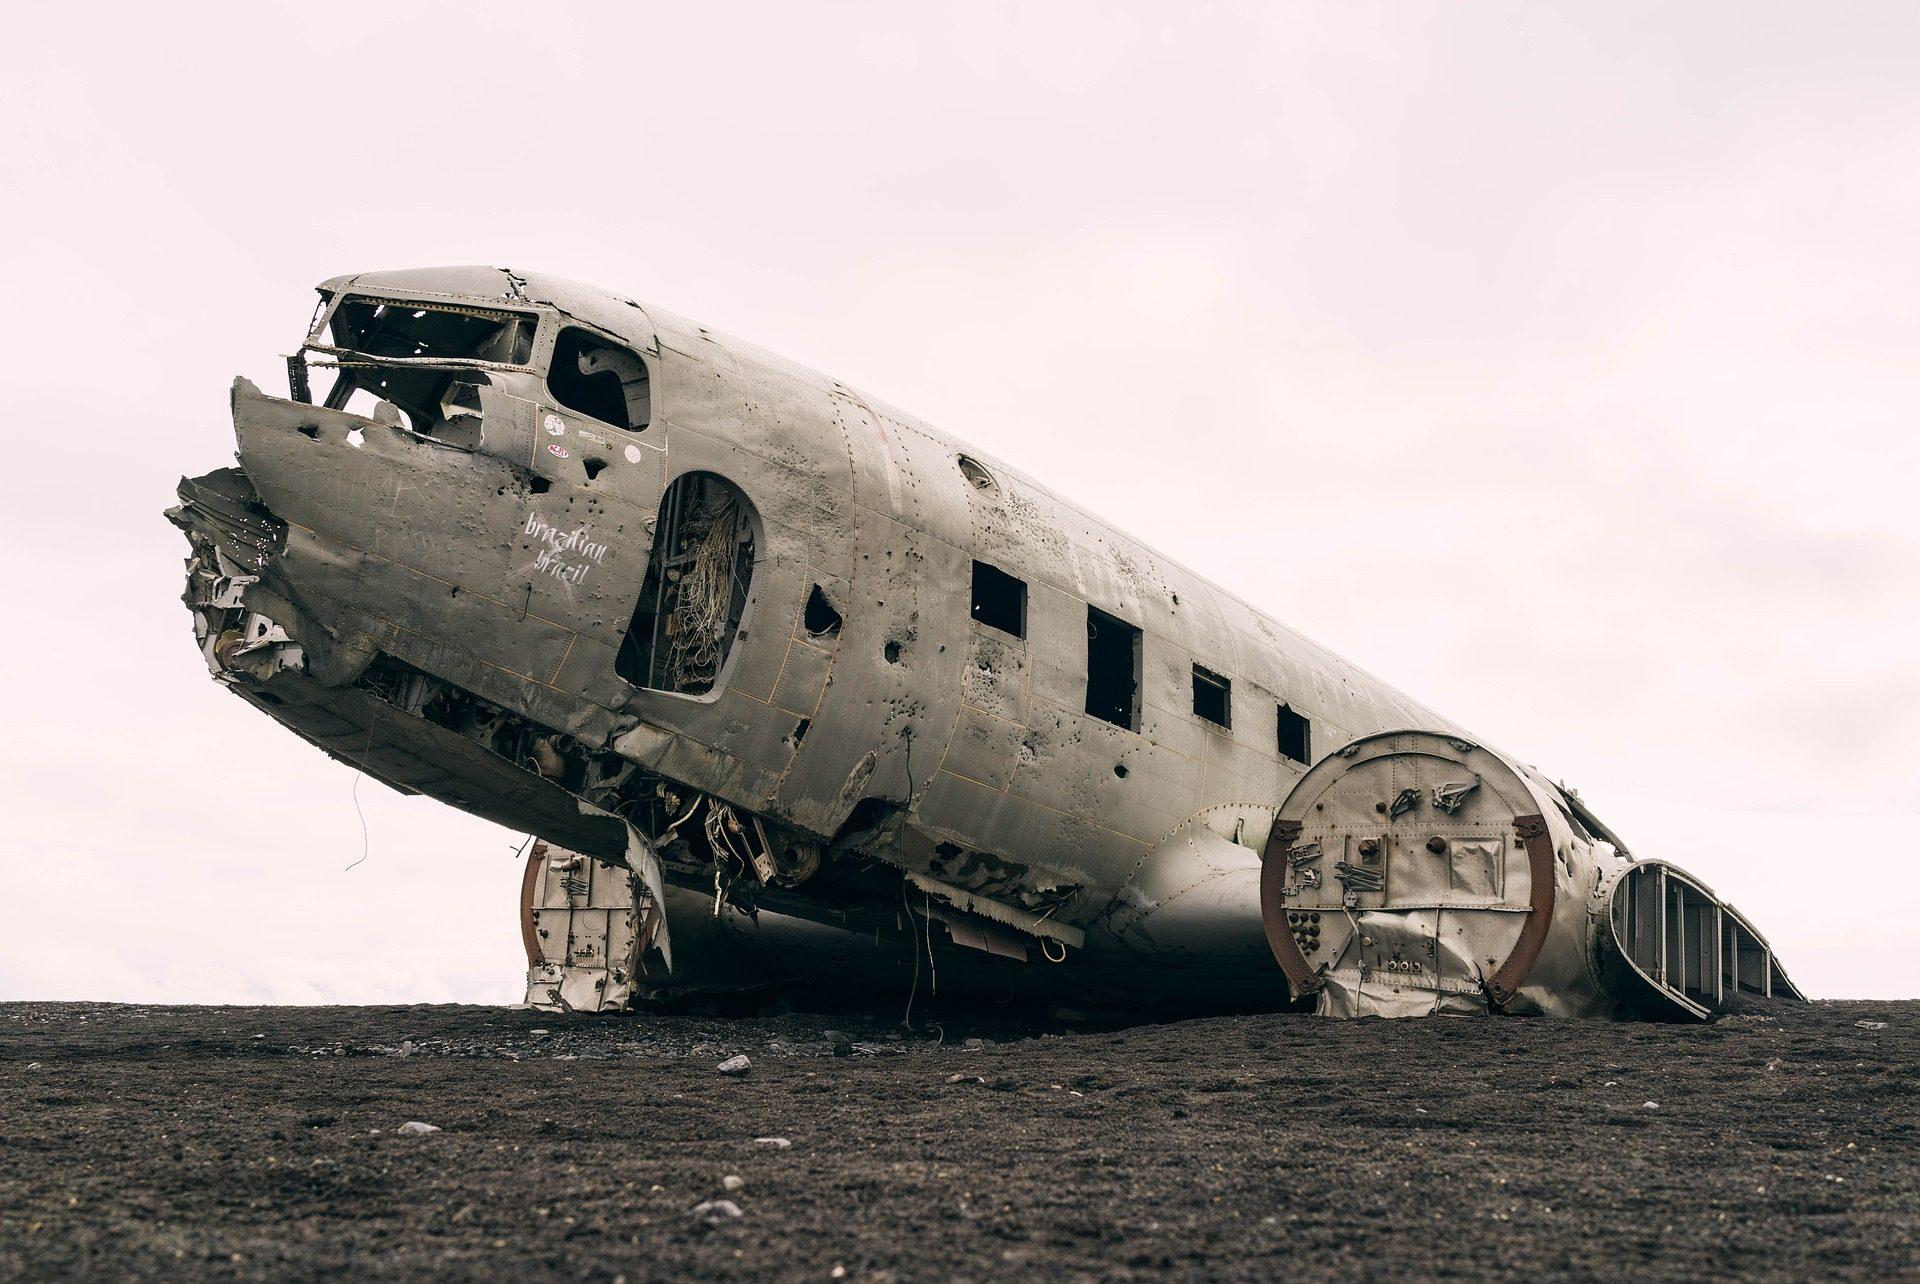 avion, tué par balle, abandonné, corrosion, vieux - Fonds d'écran HD - Professor-falken.com